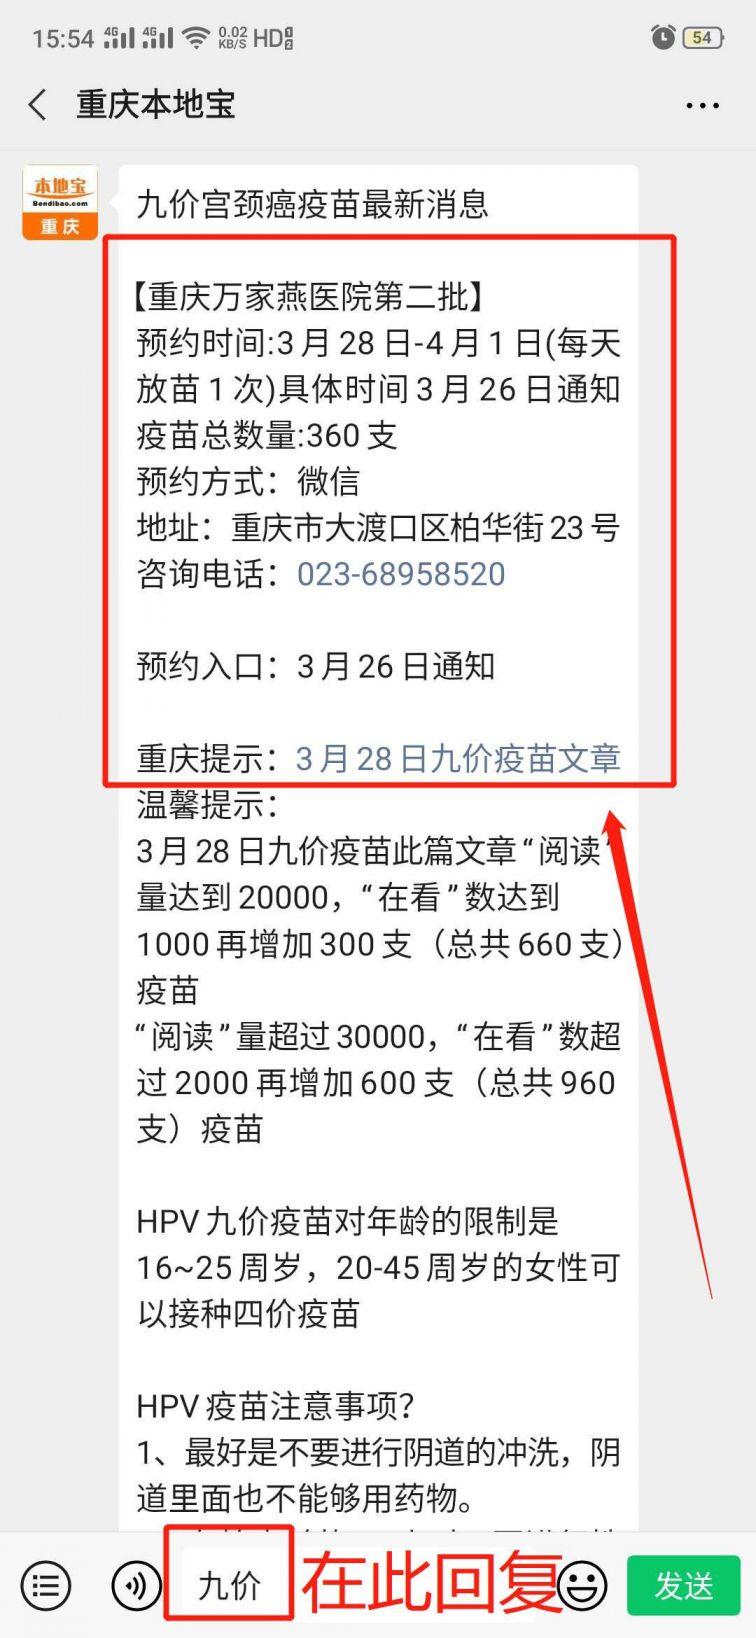 重庆9价hpv疫苗预约入口及价格